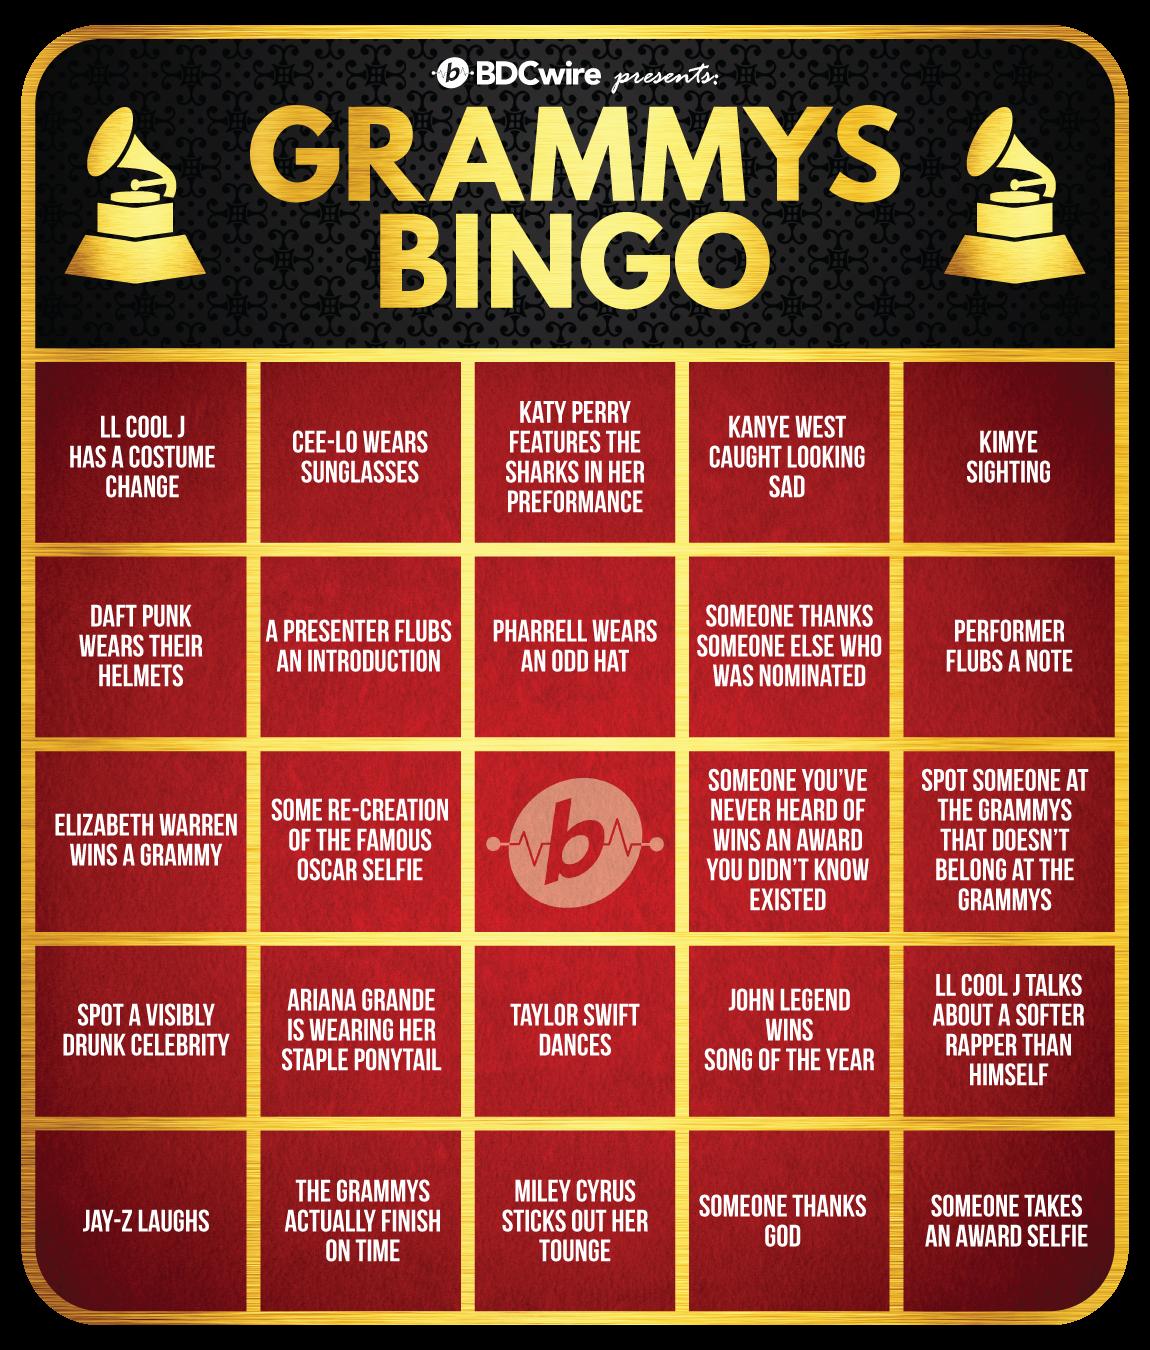 grammy_bingo3